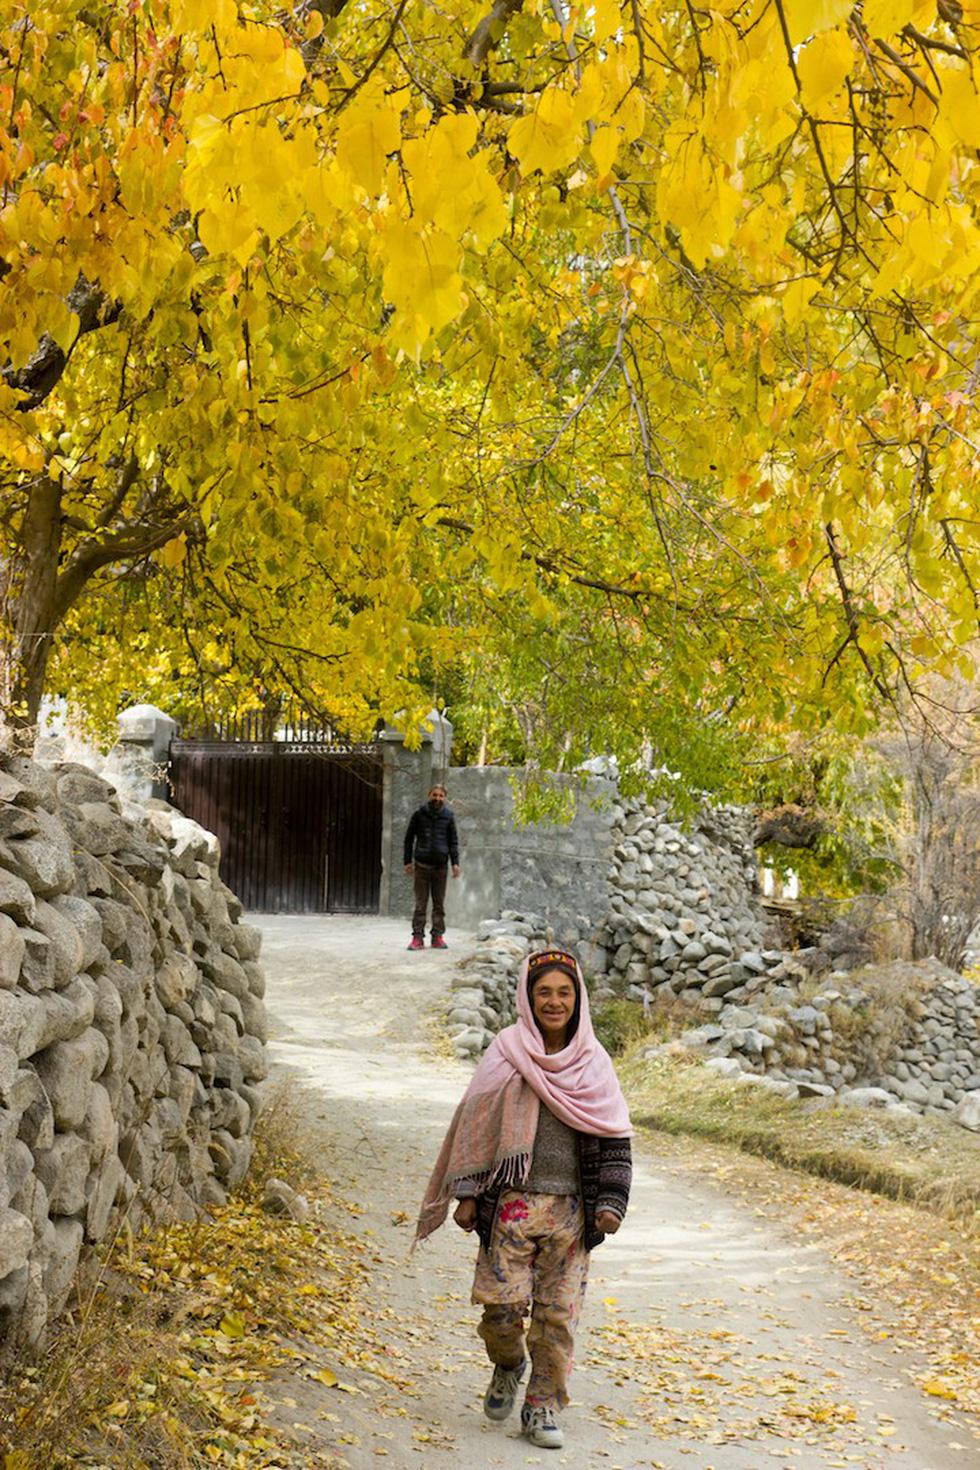 Huyền thoại mùa thu ở Hunza - miền Bắc Pakistan - Ảnh 6.